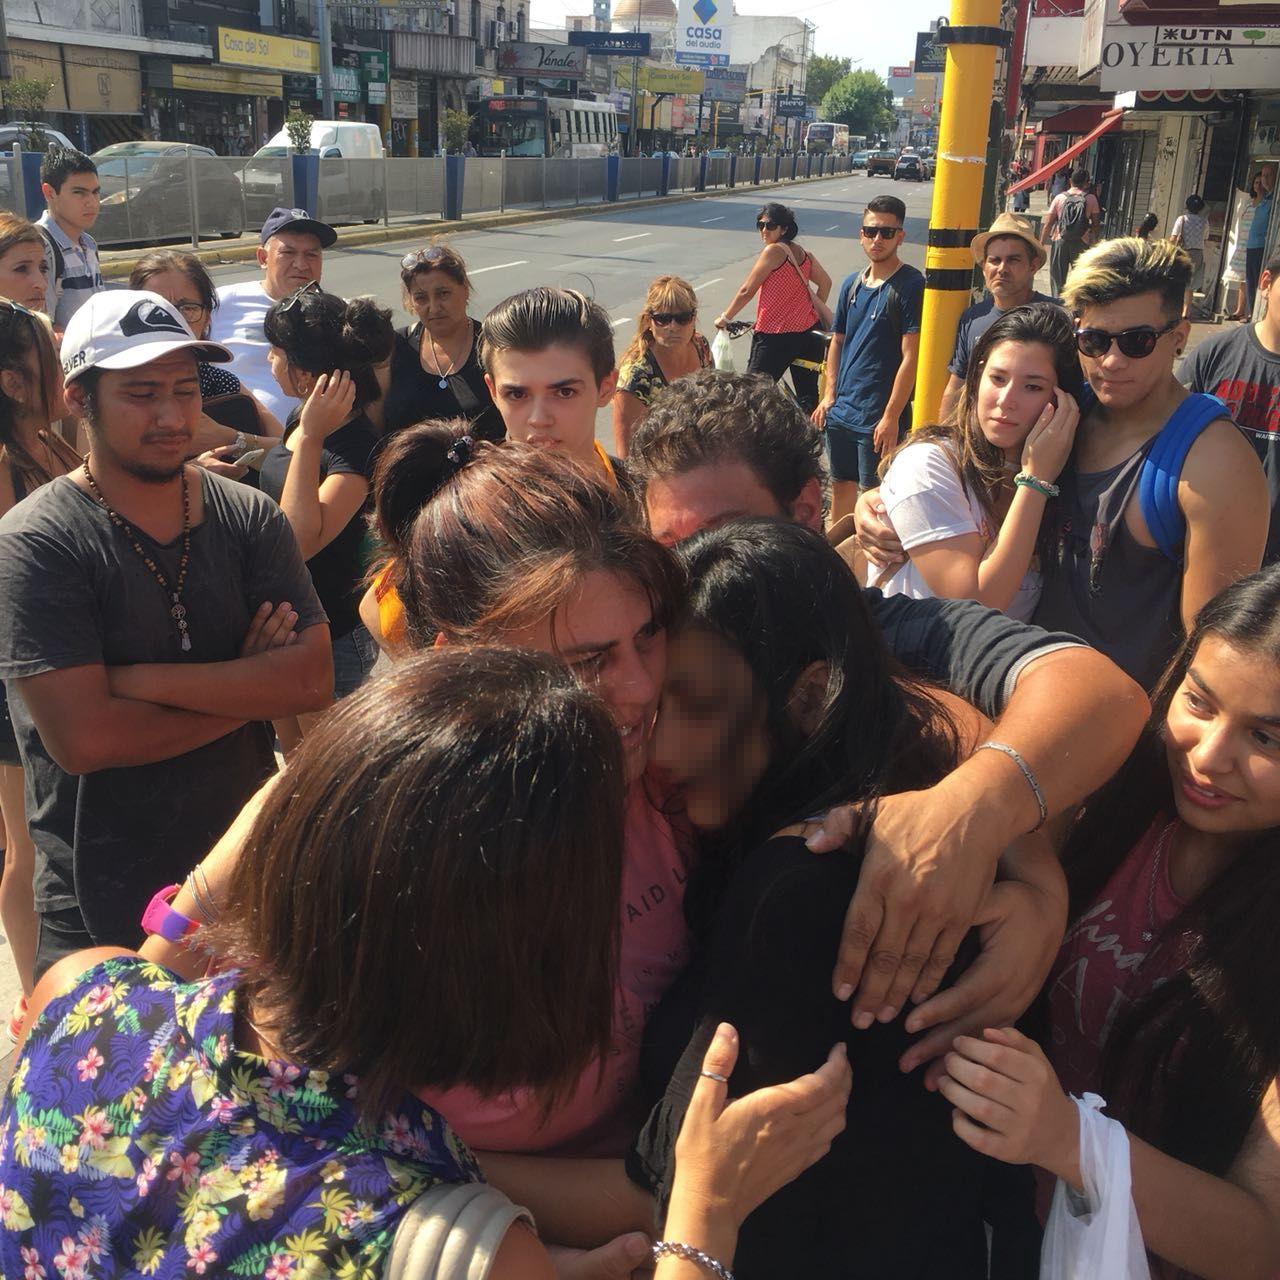 Apareció Camila Lagar en Lomas: la encontraron sus amigos